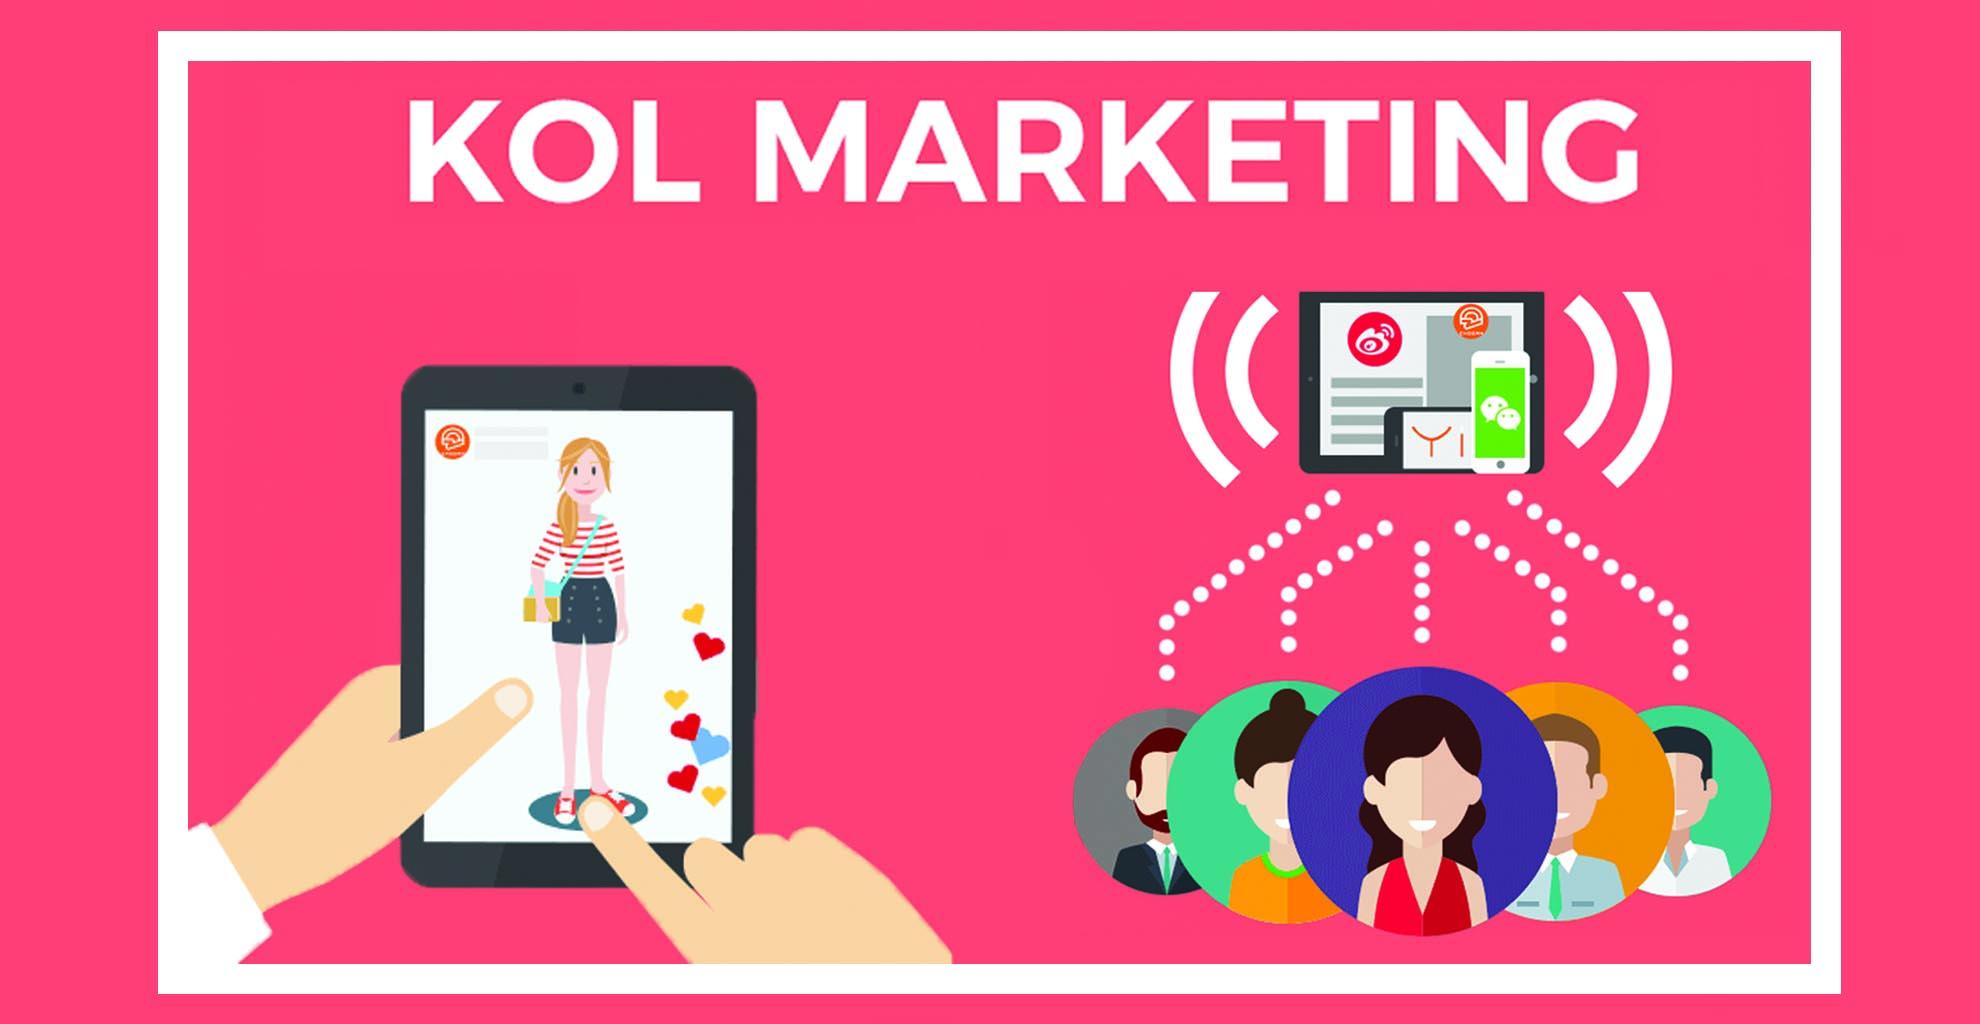 Kol marketing là gì? Những điều bạn chưa biết về dịch vụ Kol marketing